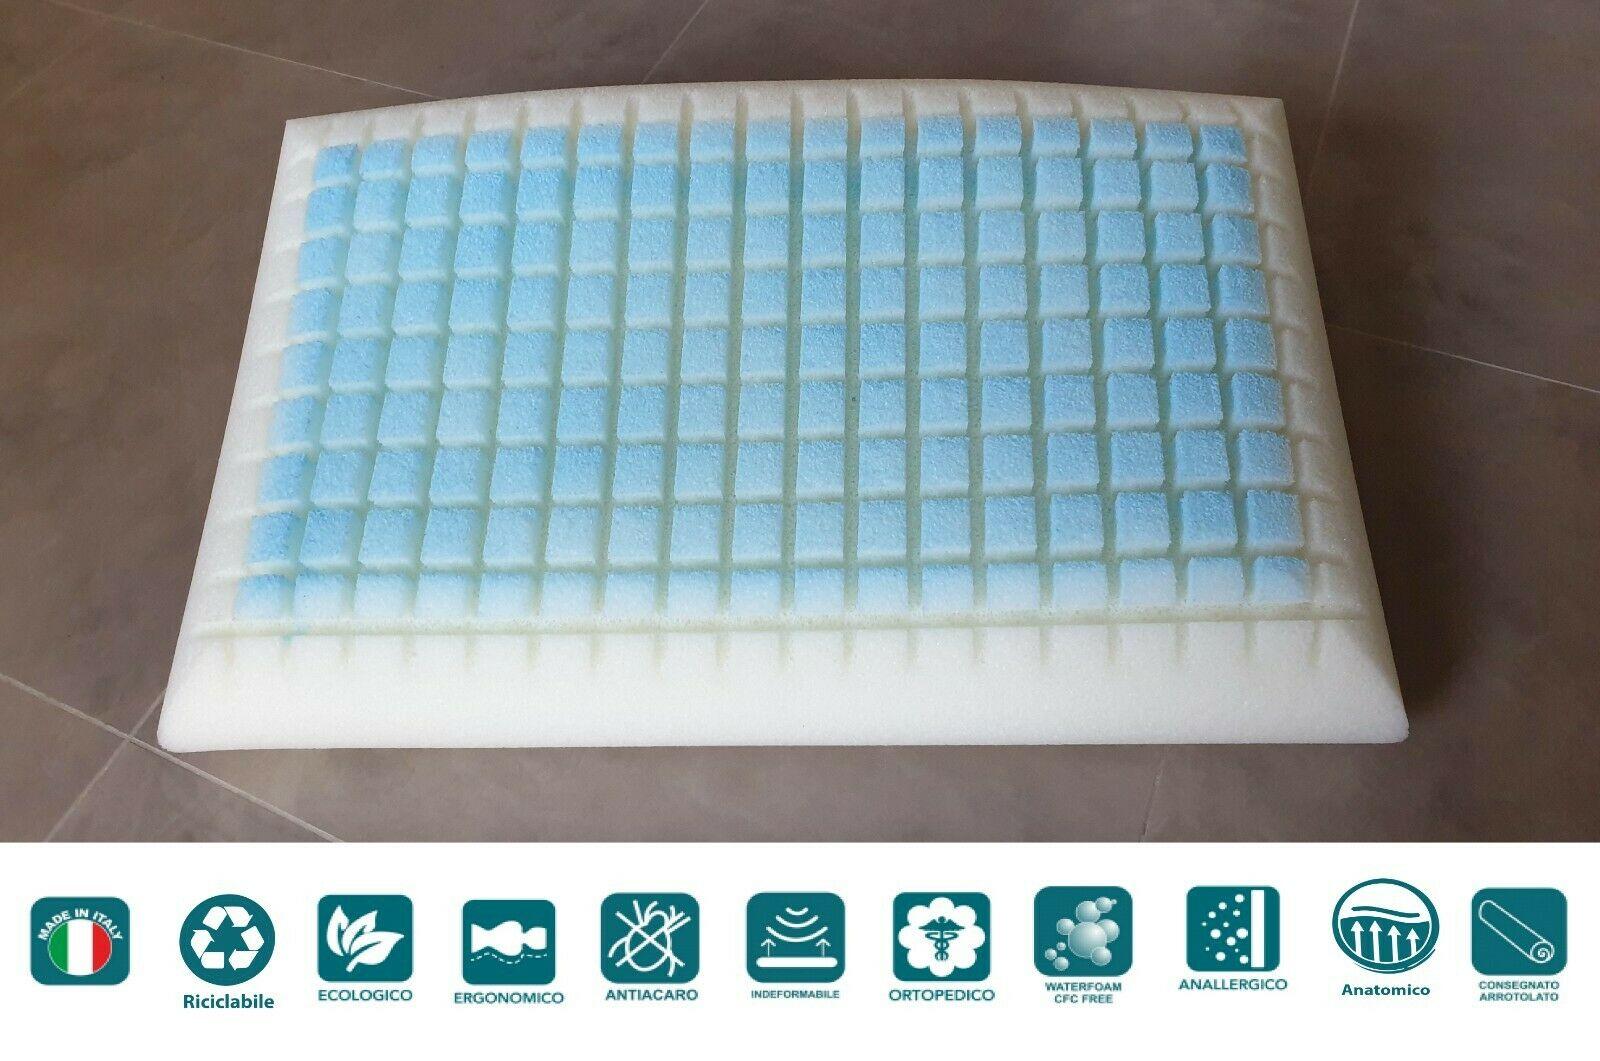 Cuscino ortopedico AIRMEMORY a celle aperte su ebay con vitaminacc